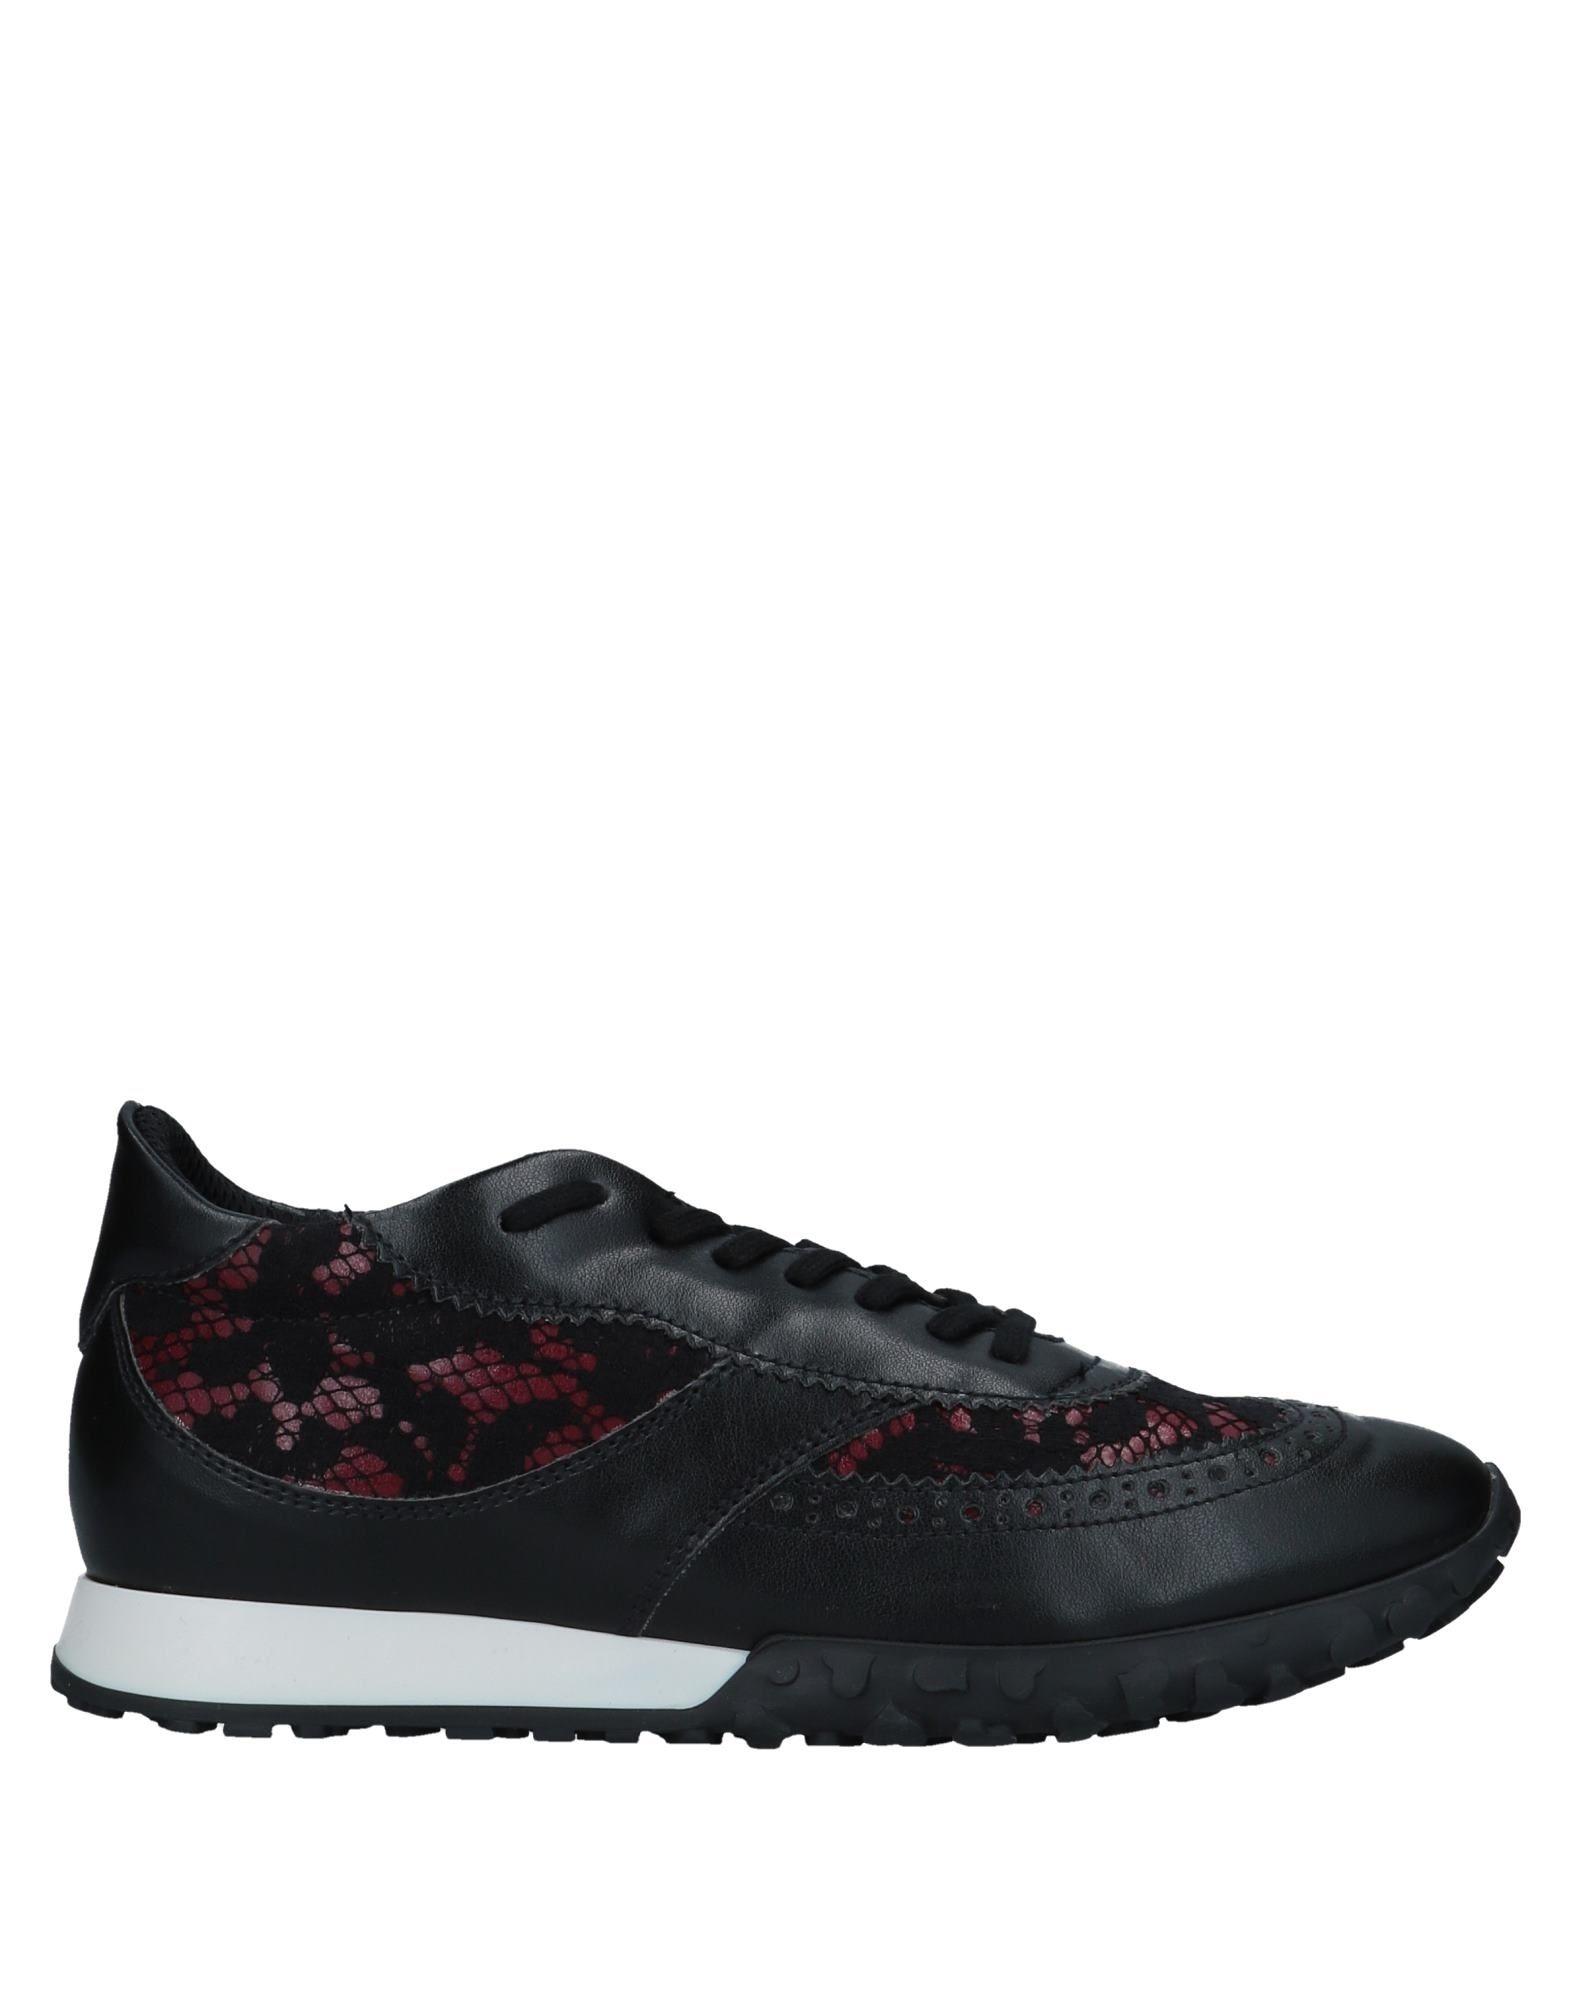 Twin-Set Simona Barbieri Sneakers - Women Twin-Set Simona Barbieri Canada Sneakers online on  Canada Barbieri - 11560601AL 4efb3a